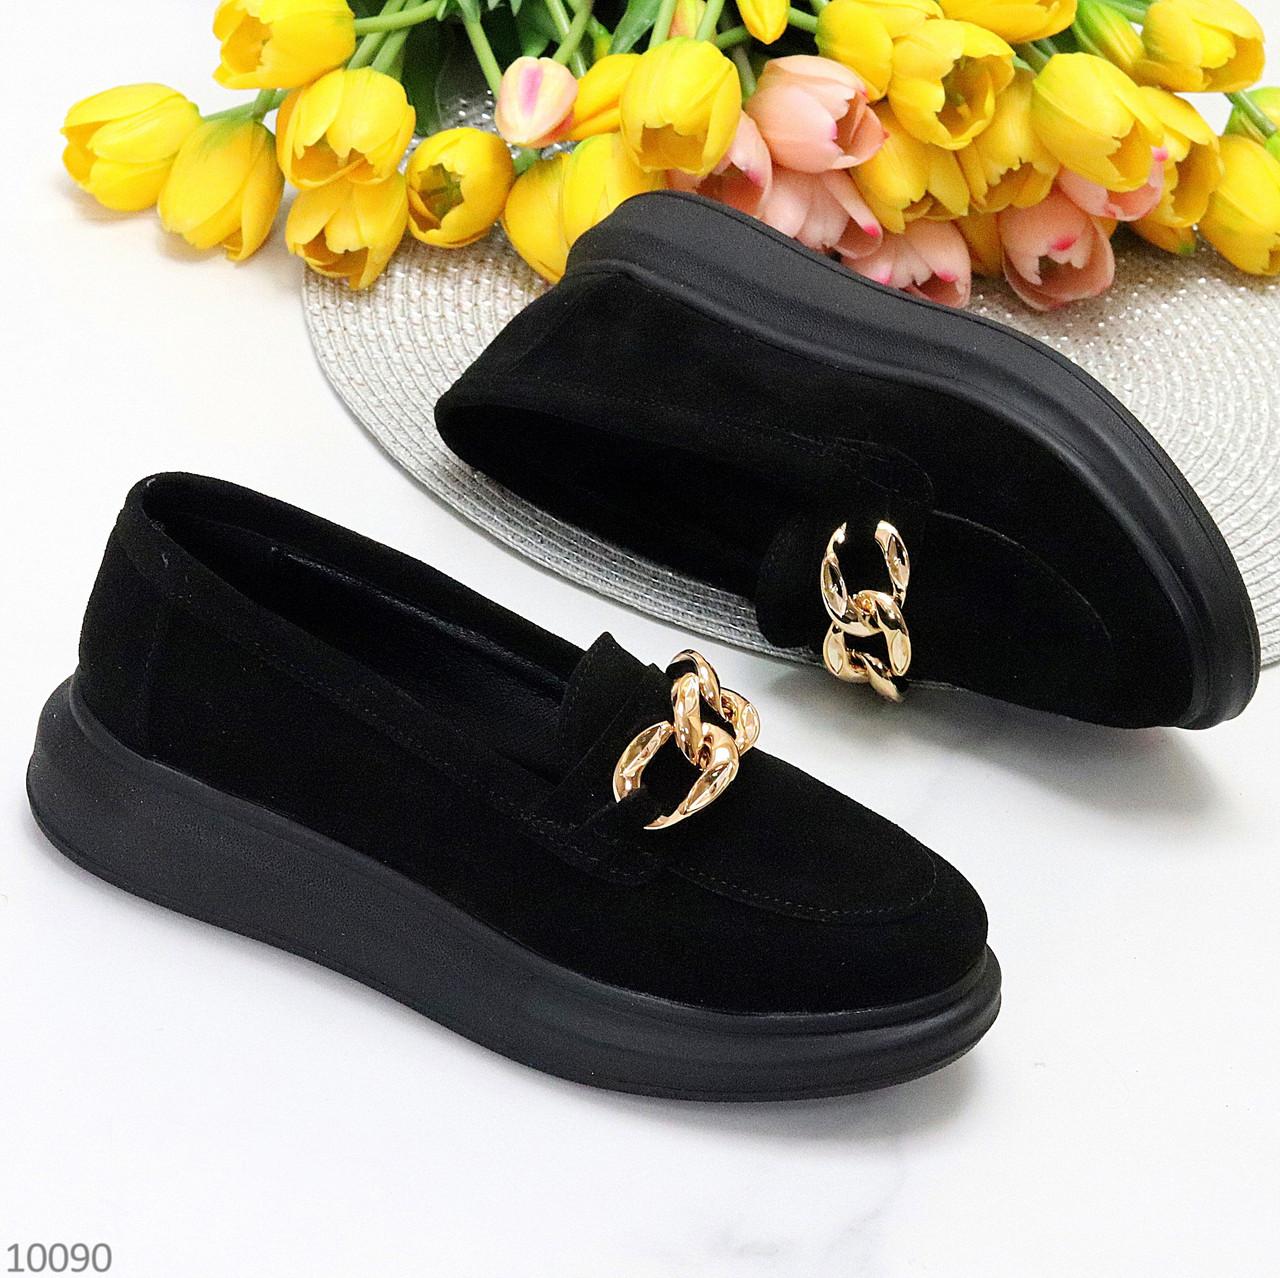 Чорні жіночі замшеві туфлі кріпери натуральна замша з декором ланцюг 40-26см